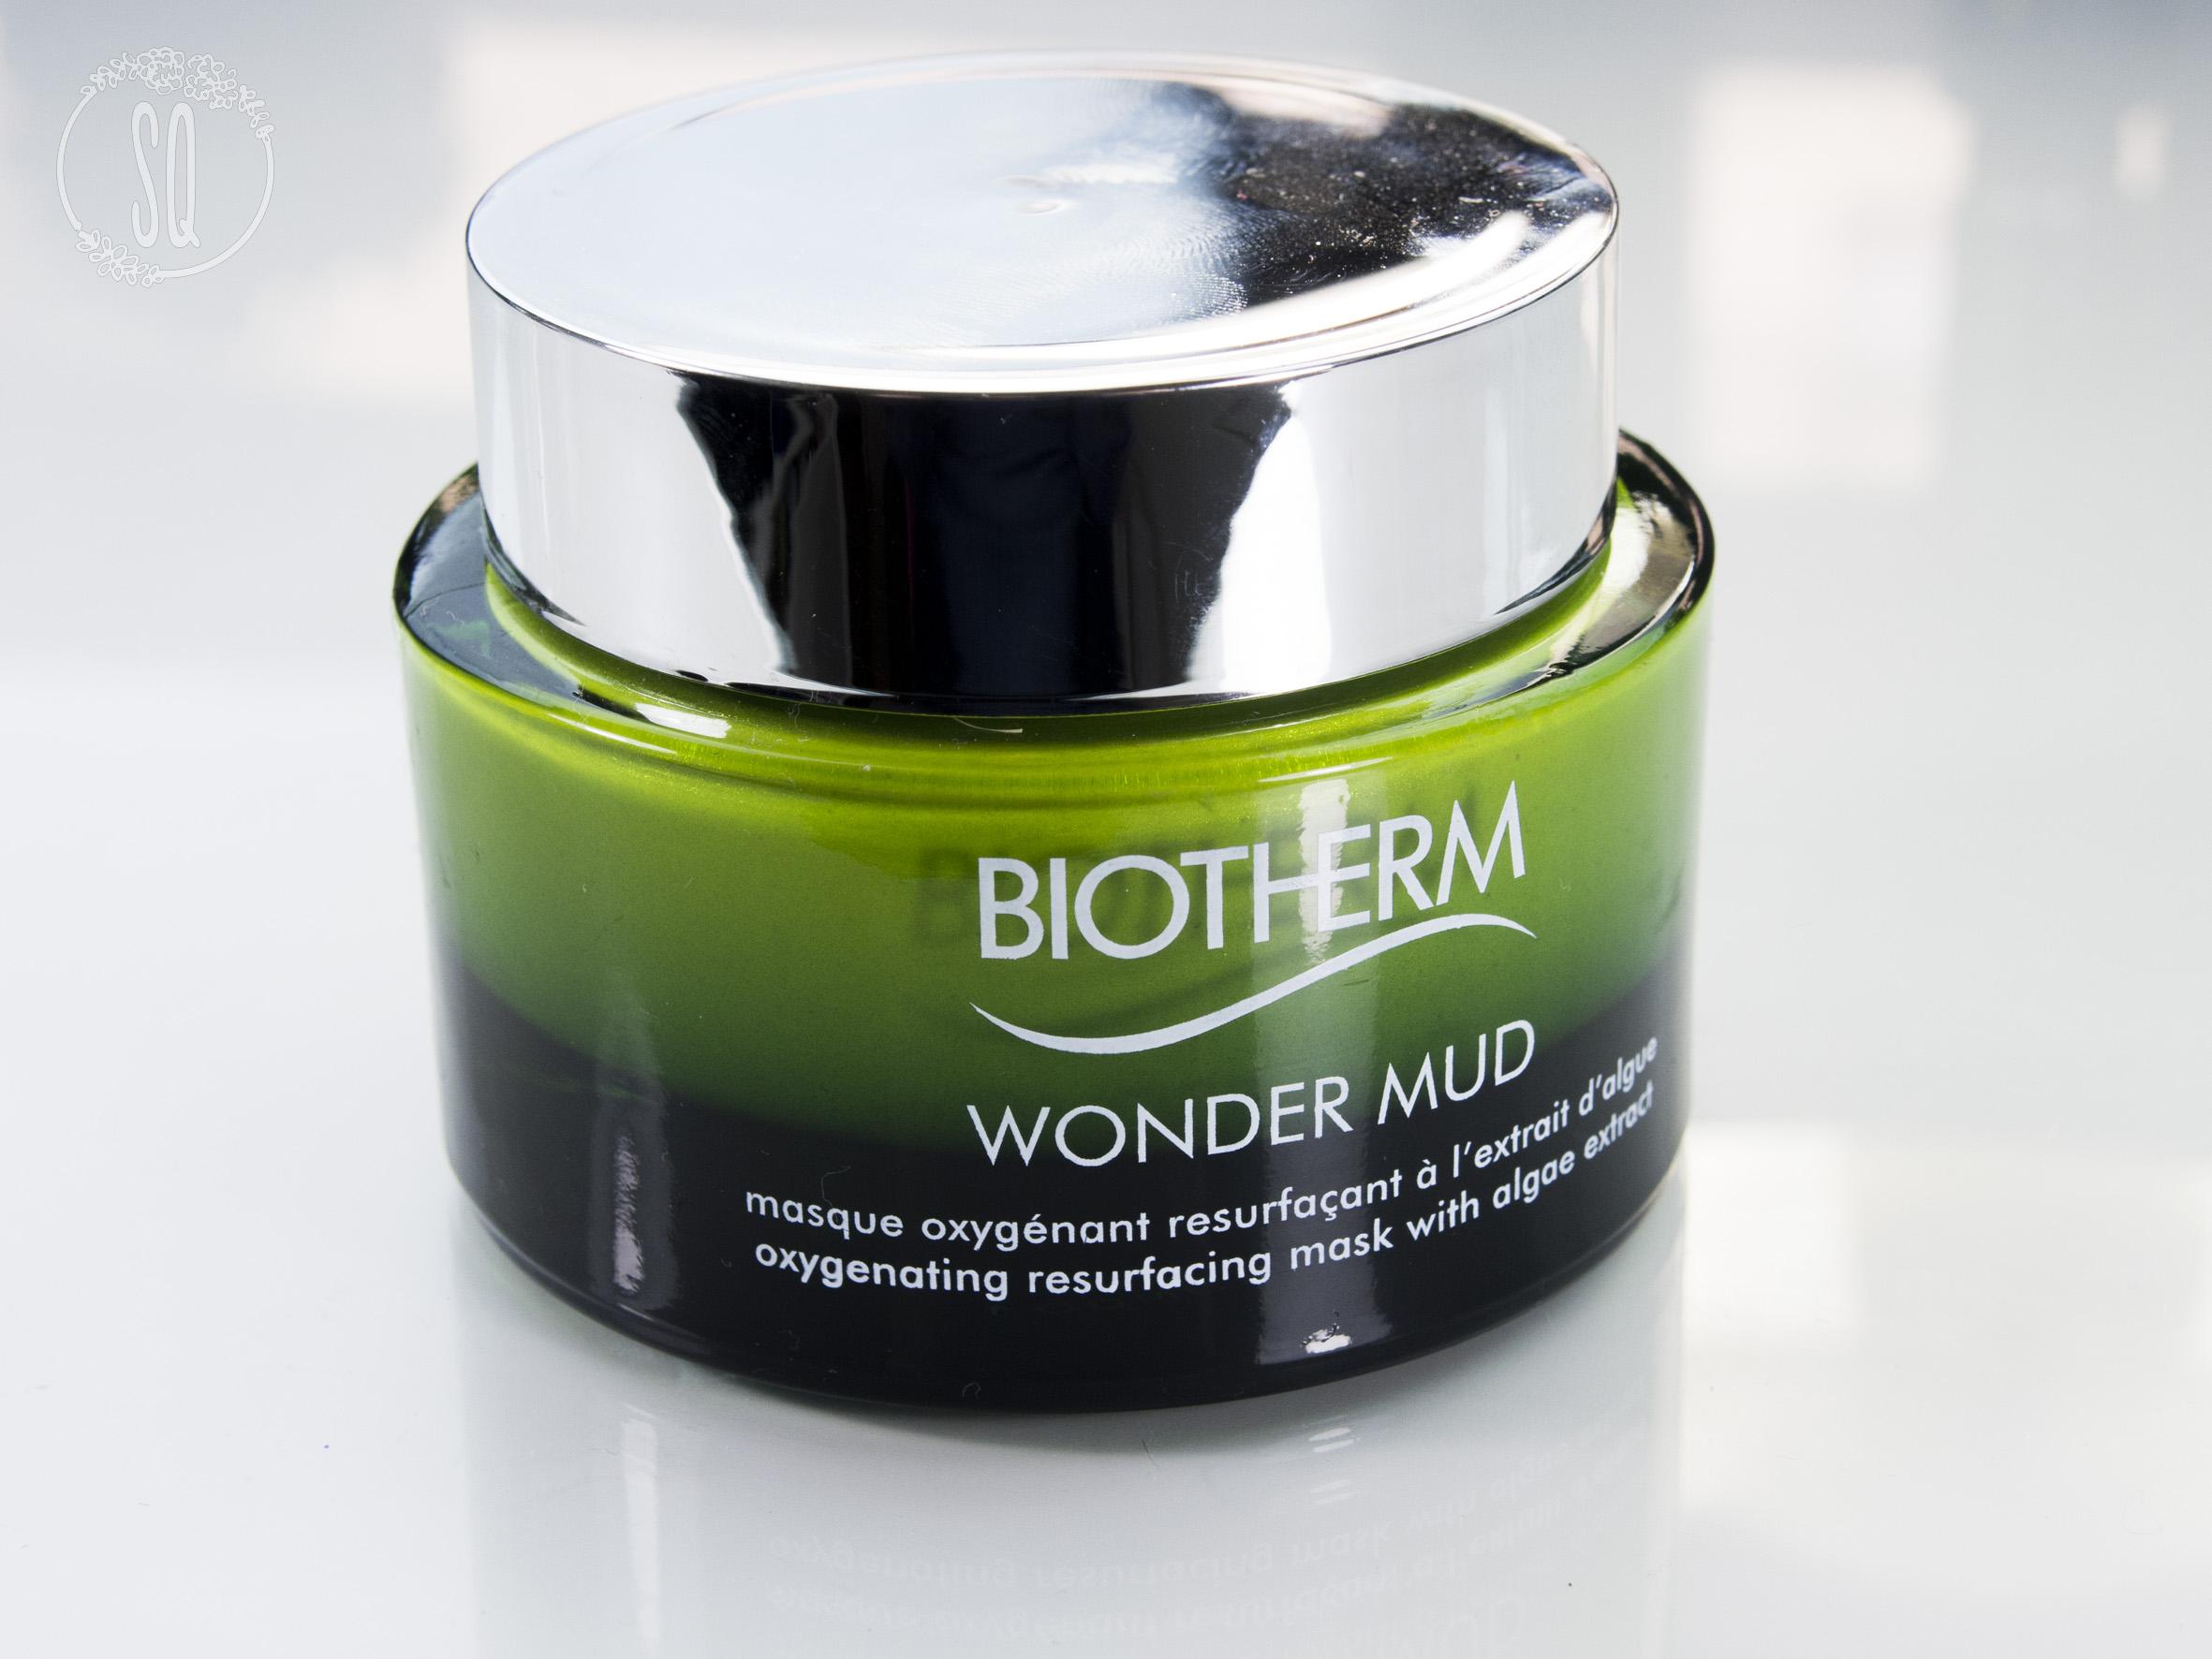 Mascarilla Wonder Mud de Biotherm, reduce los poros y aporta luminosidad